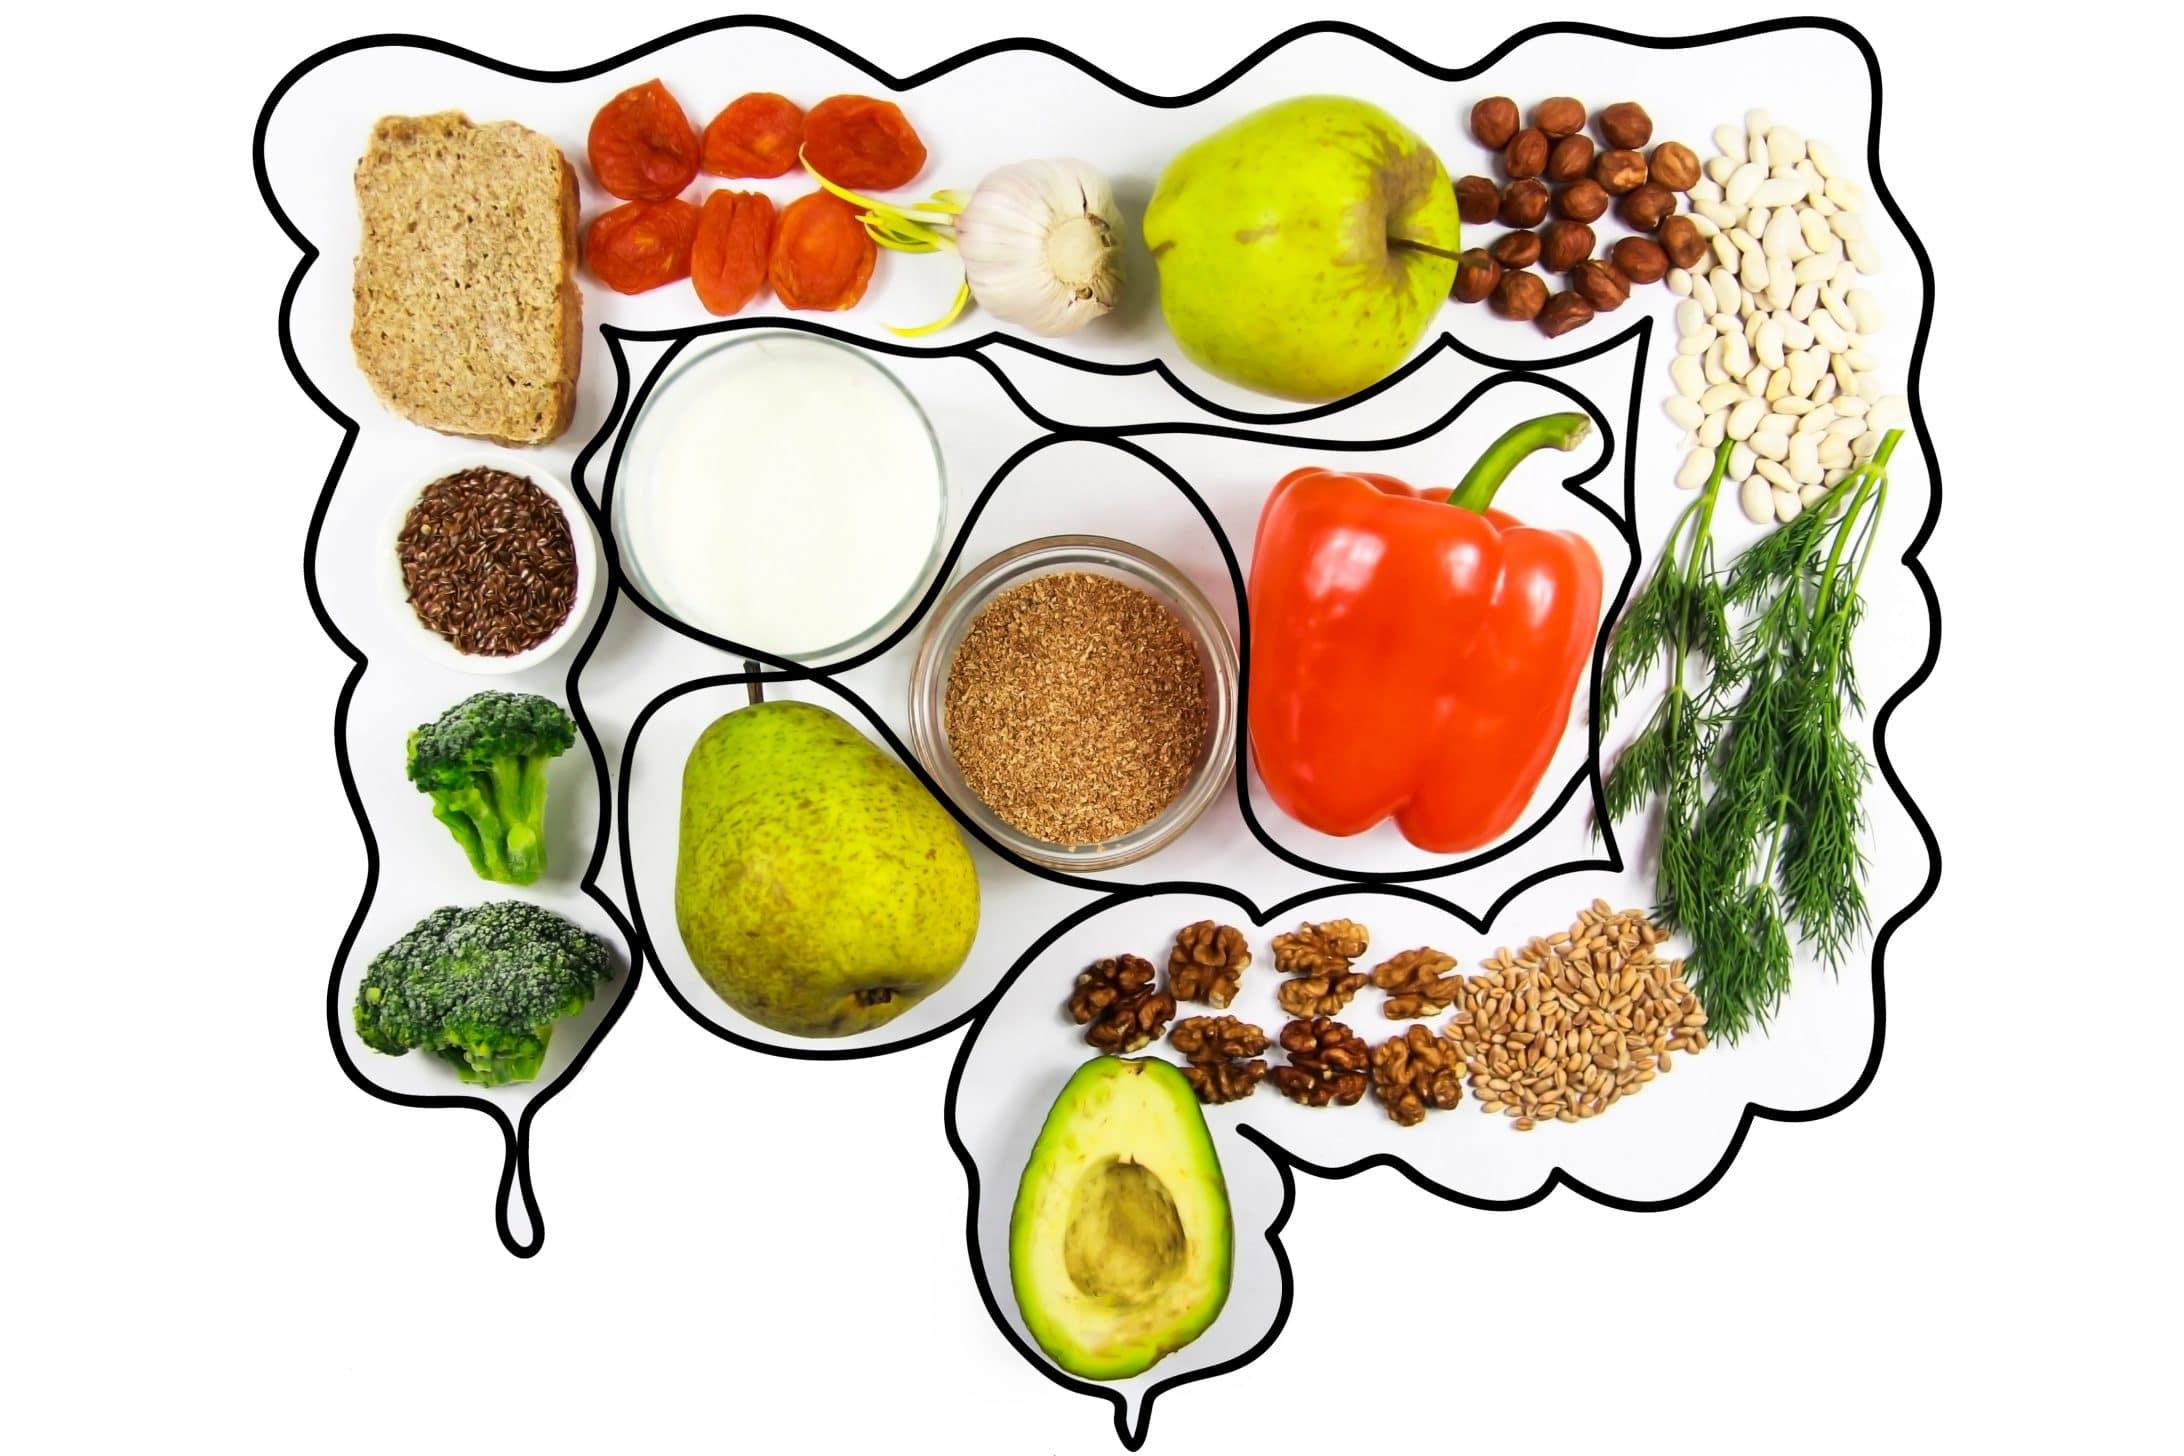 verschiedene Gemüse und Obst aufgereiht in Form eines Darms